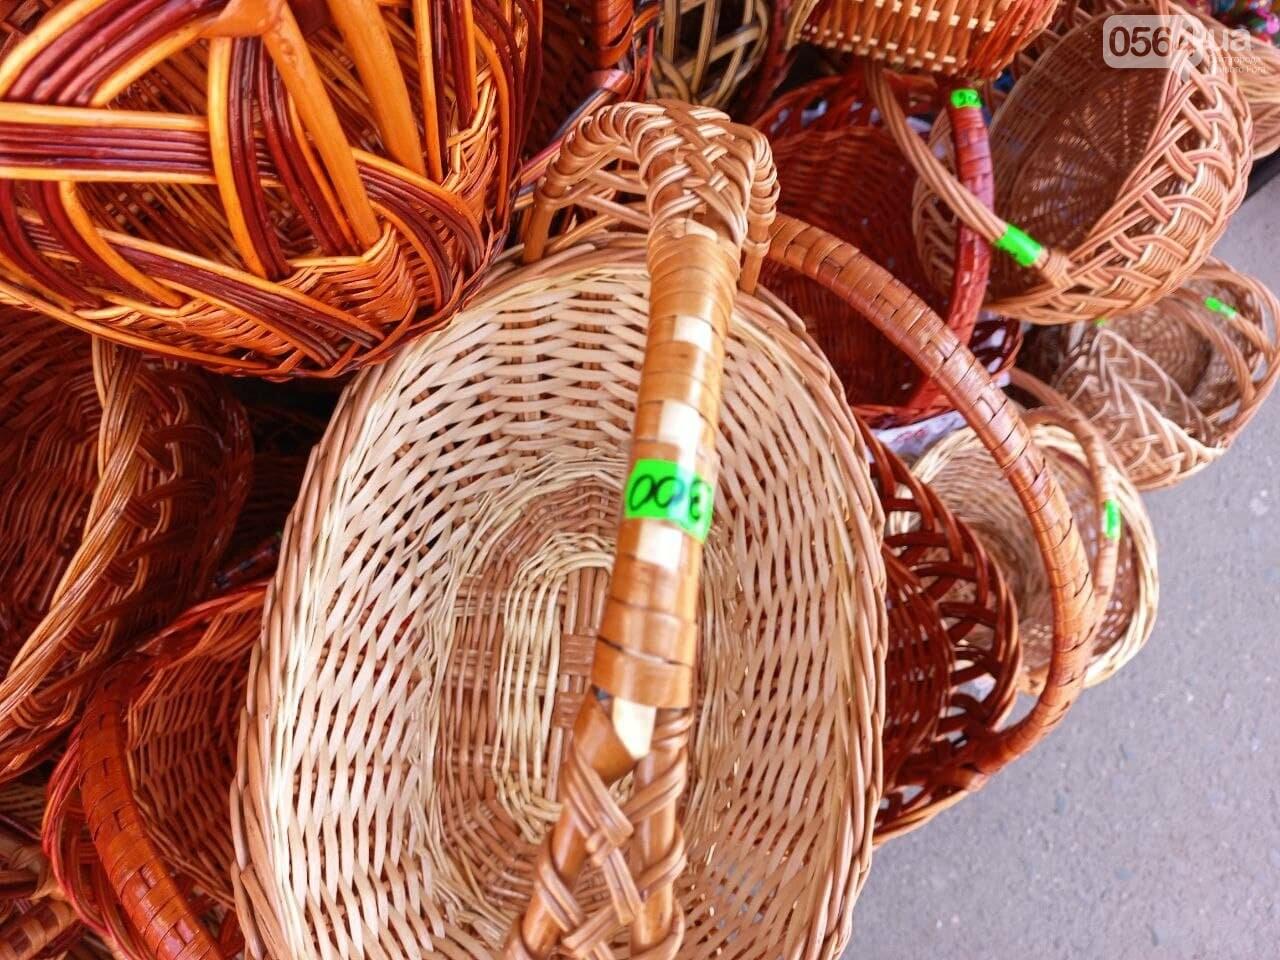 Пасхальная корзина 2021: сколько стоит традиционный праздничный набор продуктов в Кривом Роге, - ФОТО, фото-27